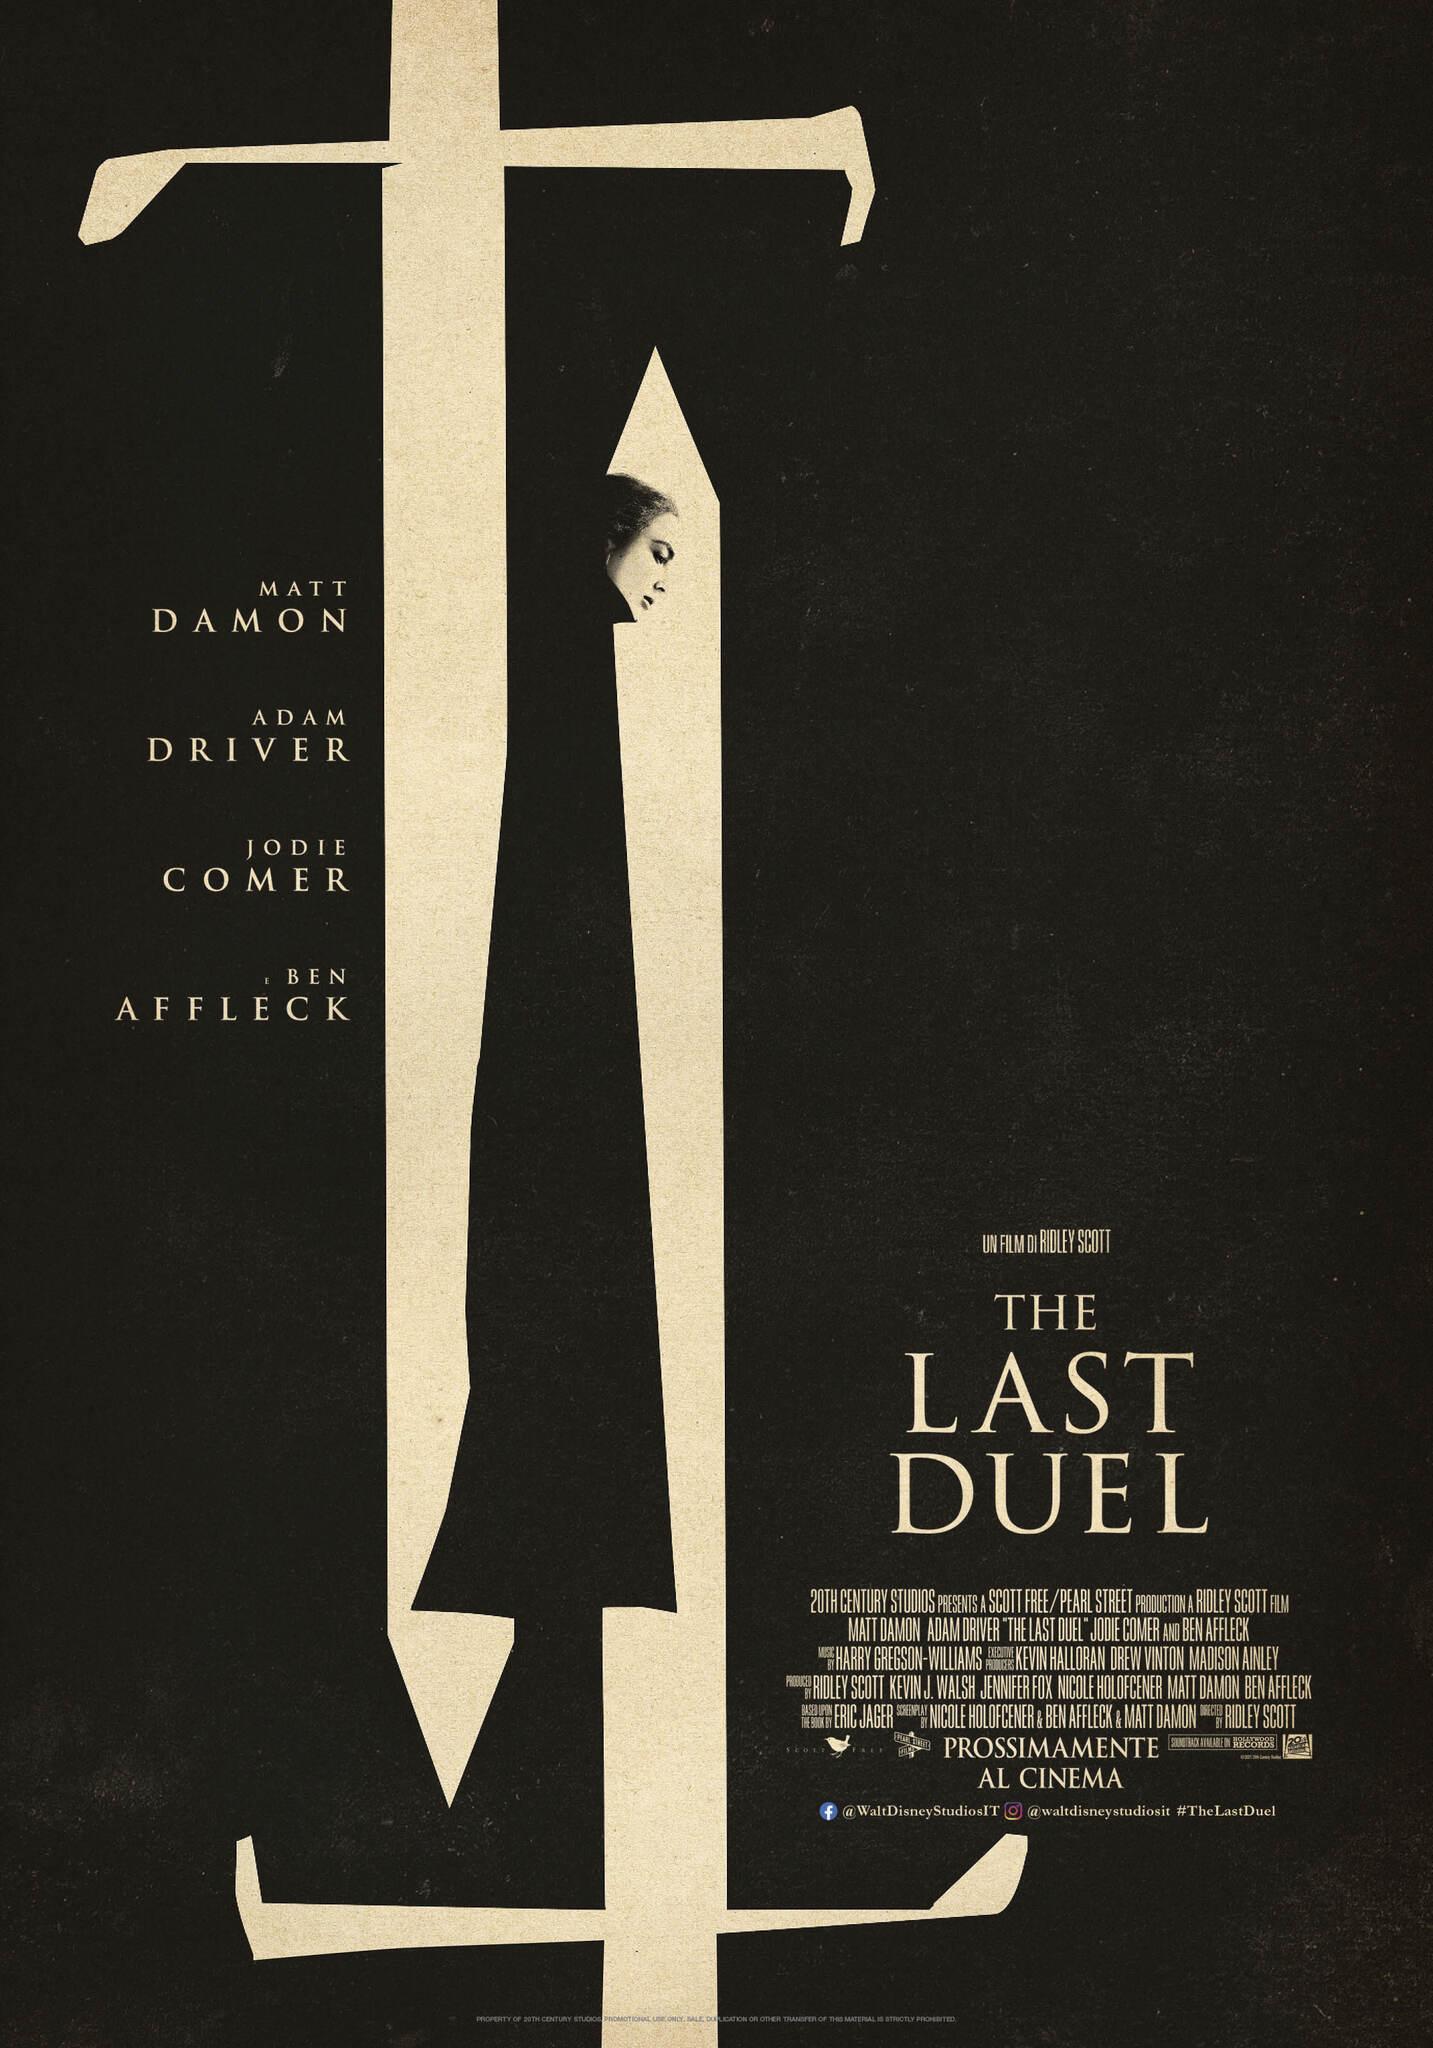 The Last Duel: il poster del film di Ridley Scott